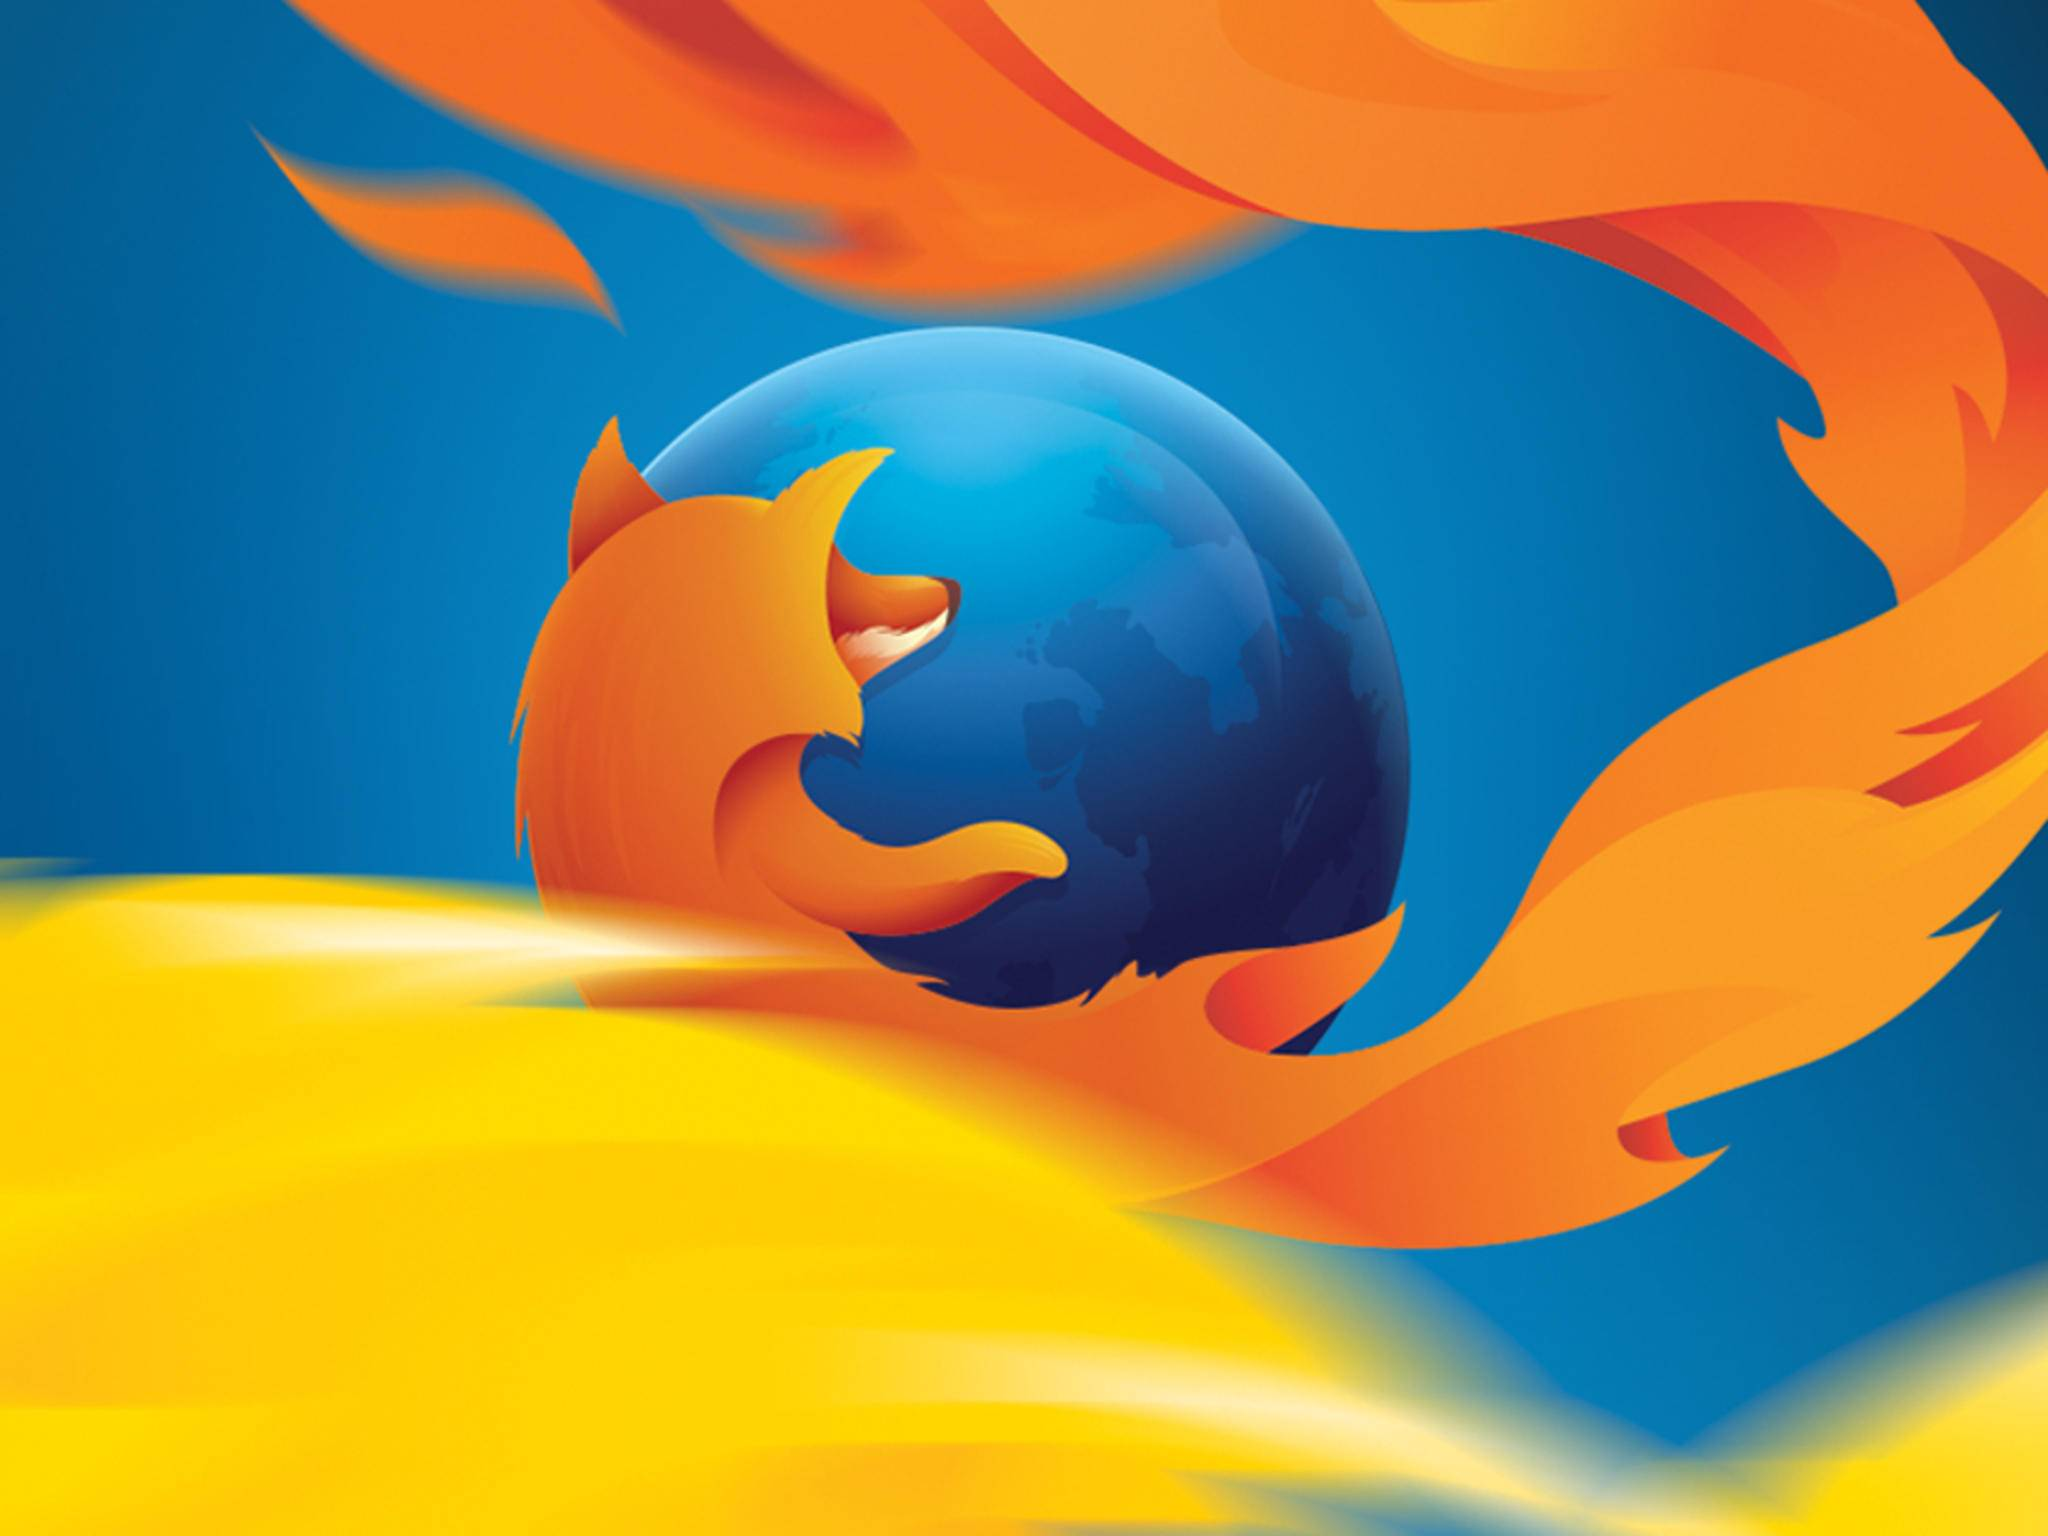 Auch auf iOS dürfte Firefox bald im Internet surfen.